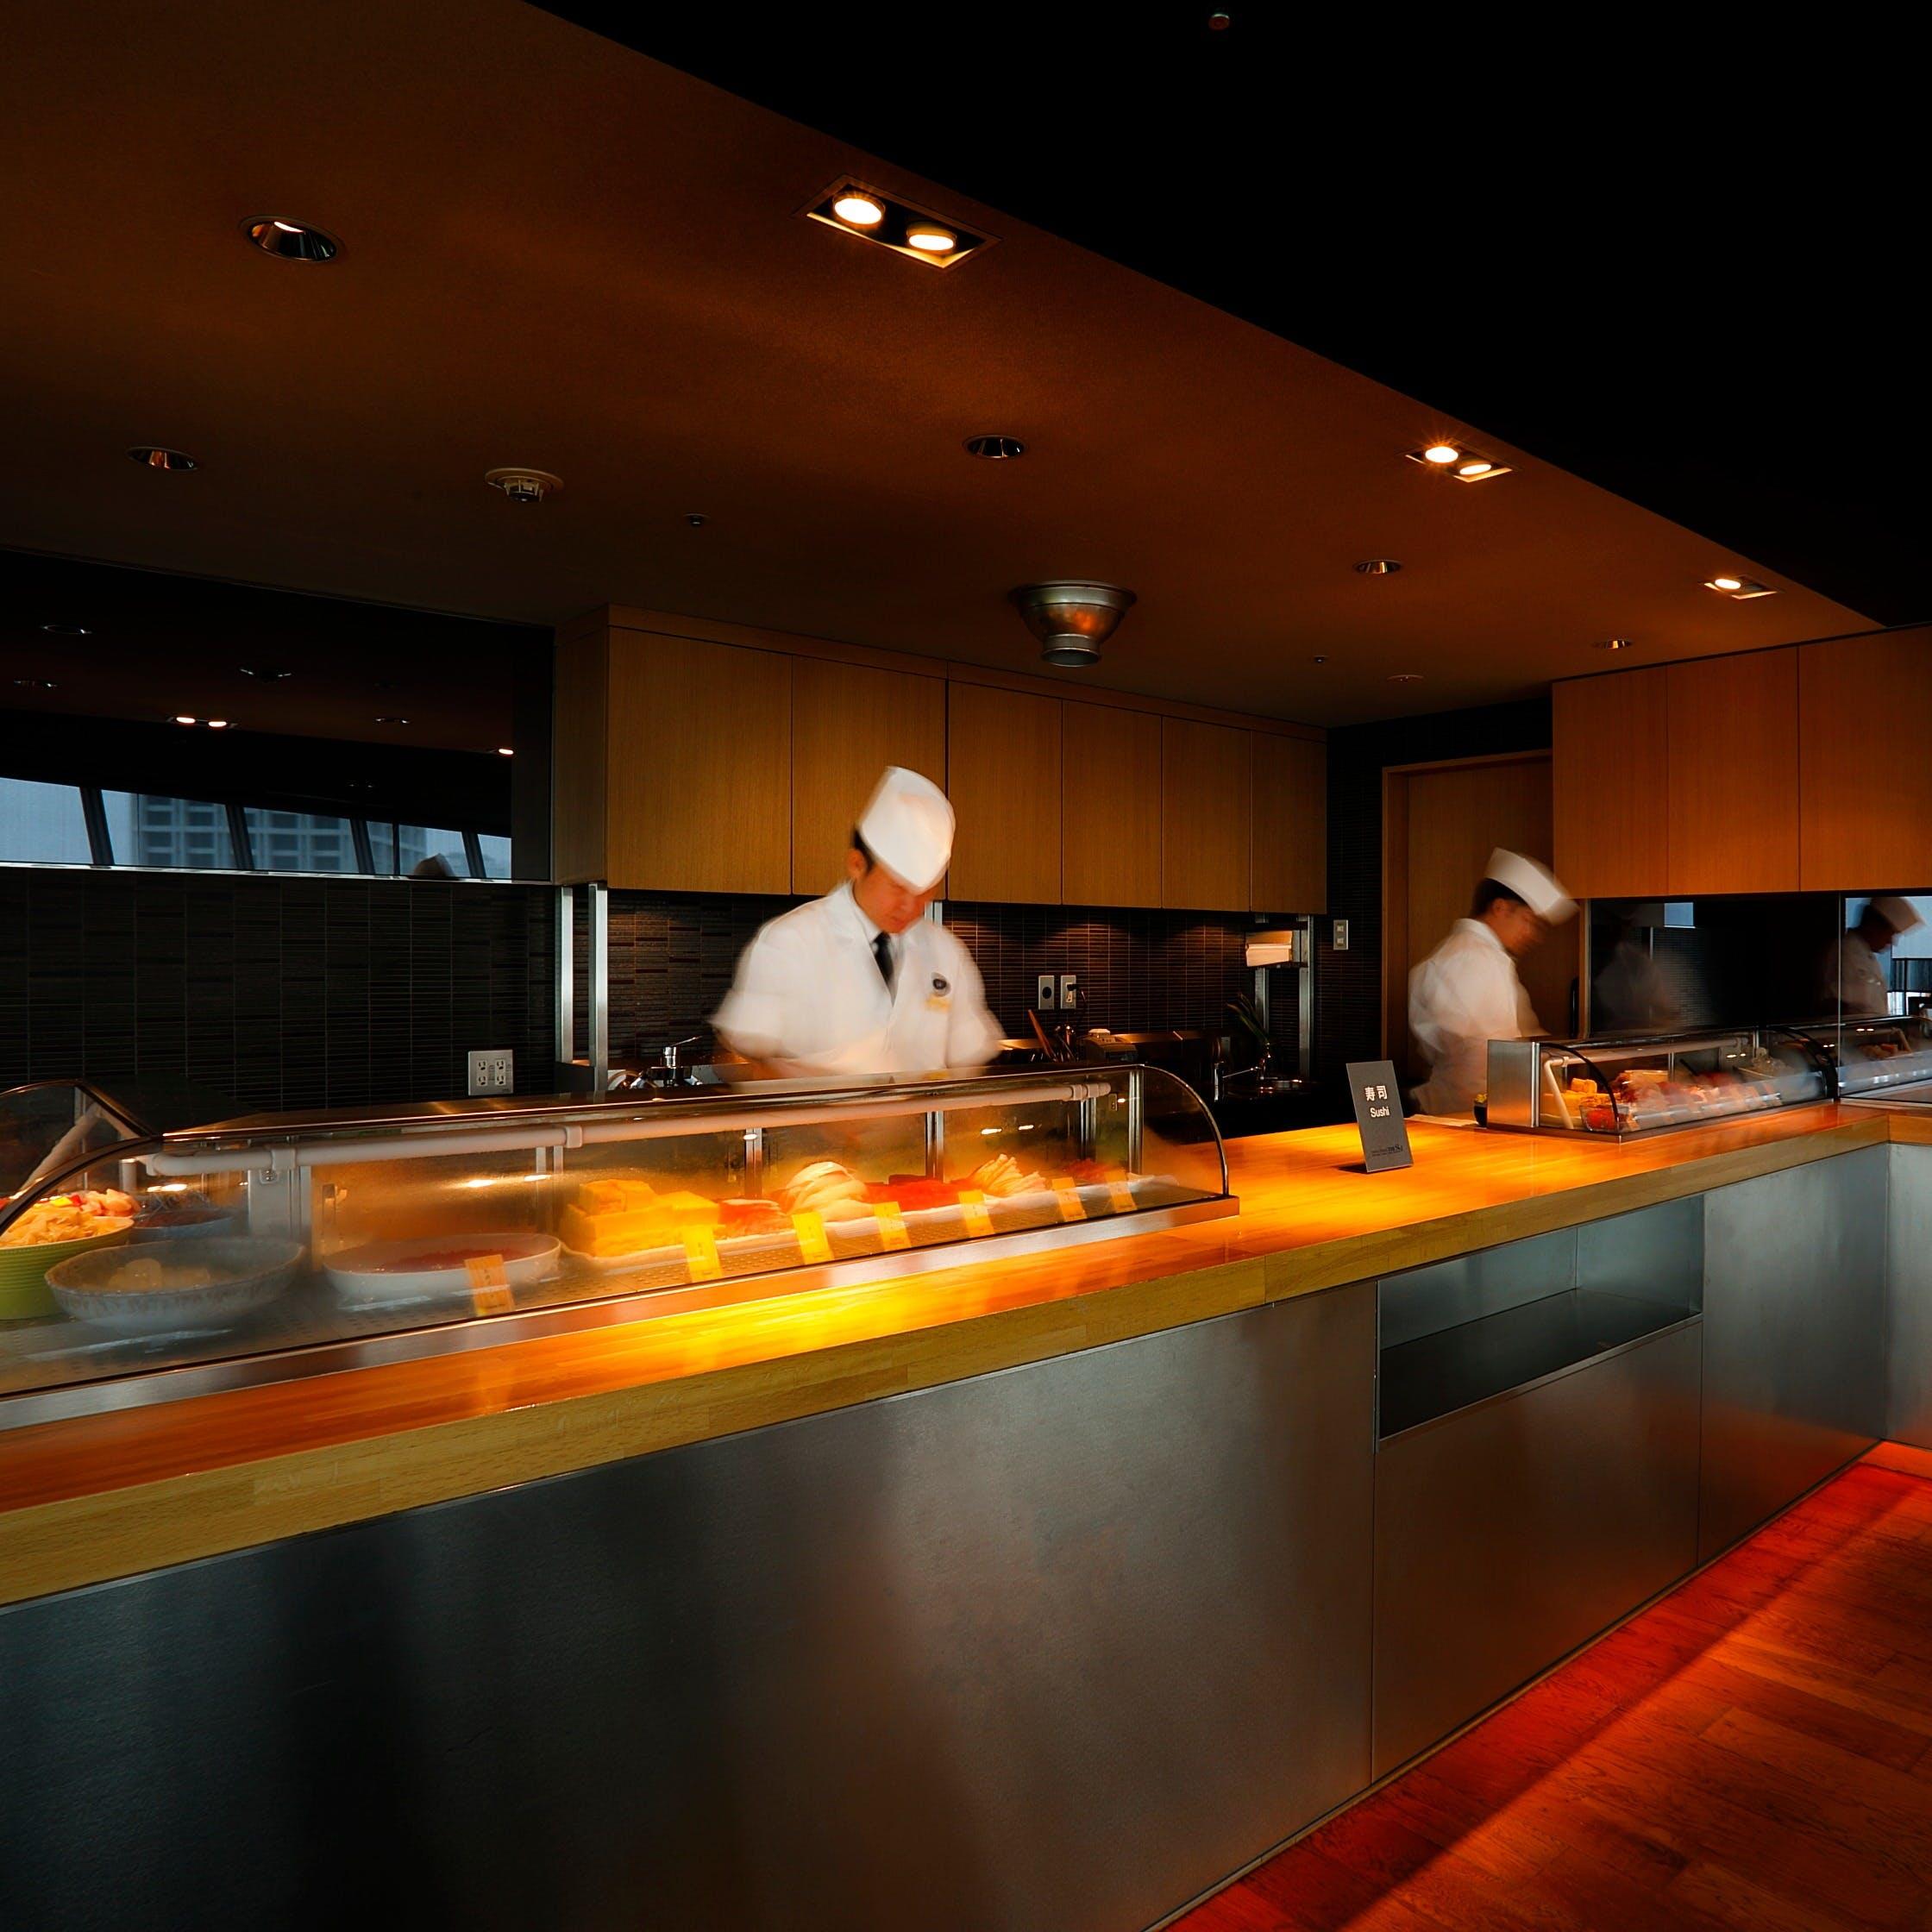 シェフの手捌きを目の当たりにできる「ステージキッチン」から出来立ての料理をご提供